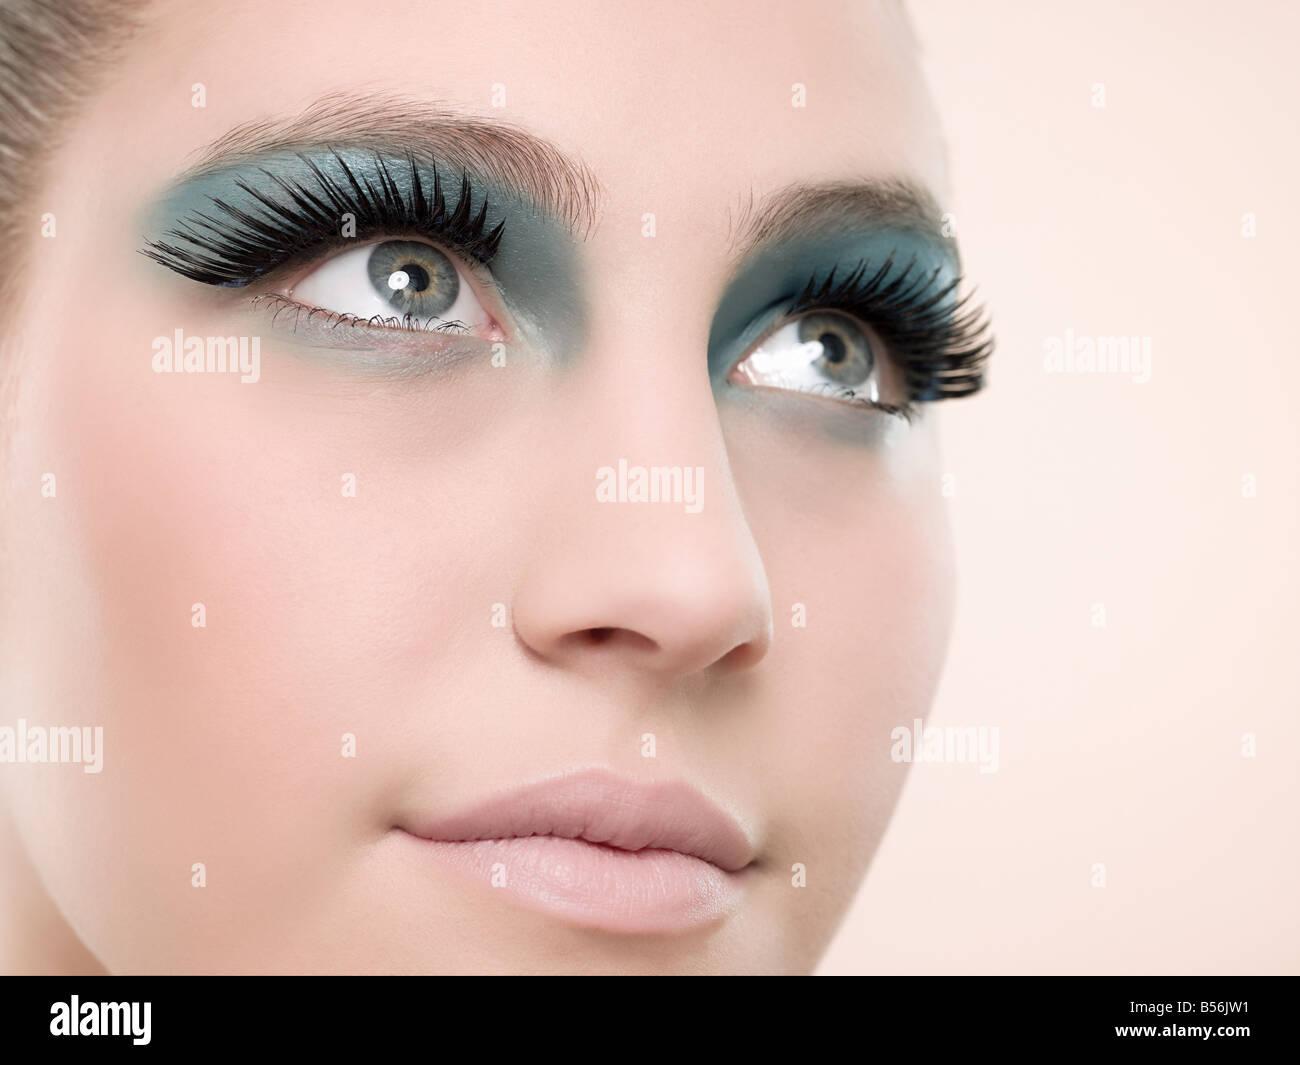 Einer jungen Frau mit falschen Wimpern Stockbild